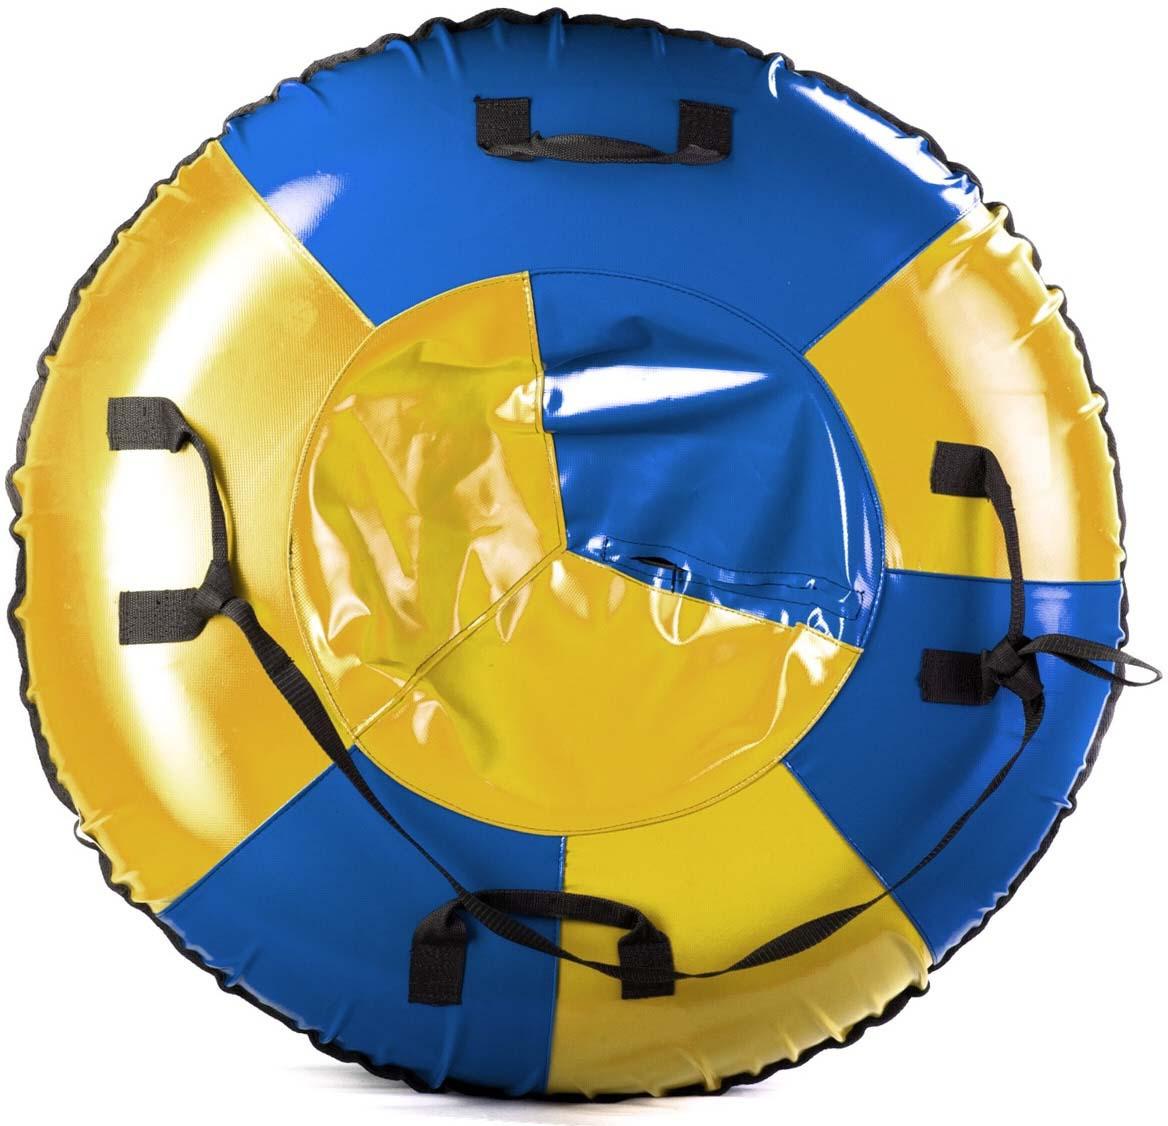 Тюбинг Indigo Классика, SM-216-95, диаметр 95 смSM-216-95Тюбинг Классика выполнен из 100% ПВХ особой прочности, что обеспечивает отличное скольжение даже по тонкому слою снега. Предназначен для катания со снежных горок.Тюбинг снабжен буксировочным ремнем и очень удобными ручками из прочной стропы, внутри вставлена автомобильная камера.